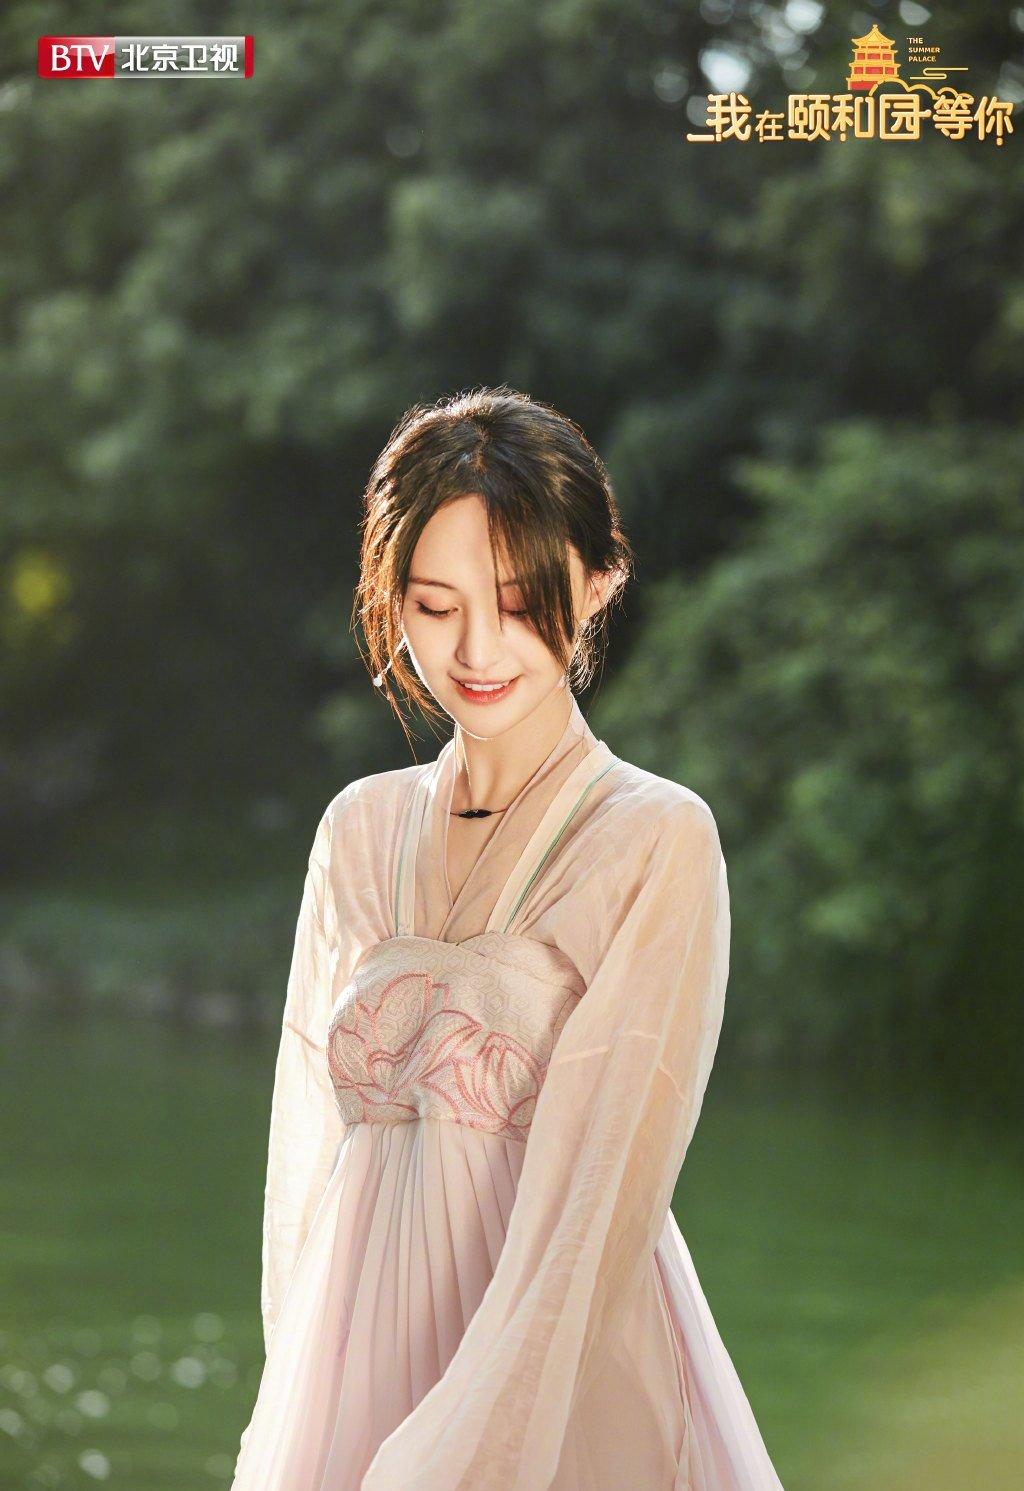 郑爽粉色汉服造型甜美写真图片